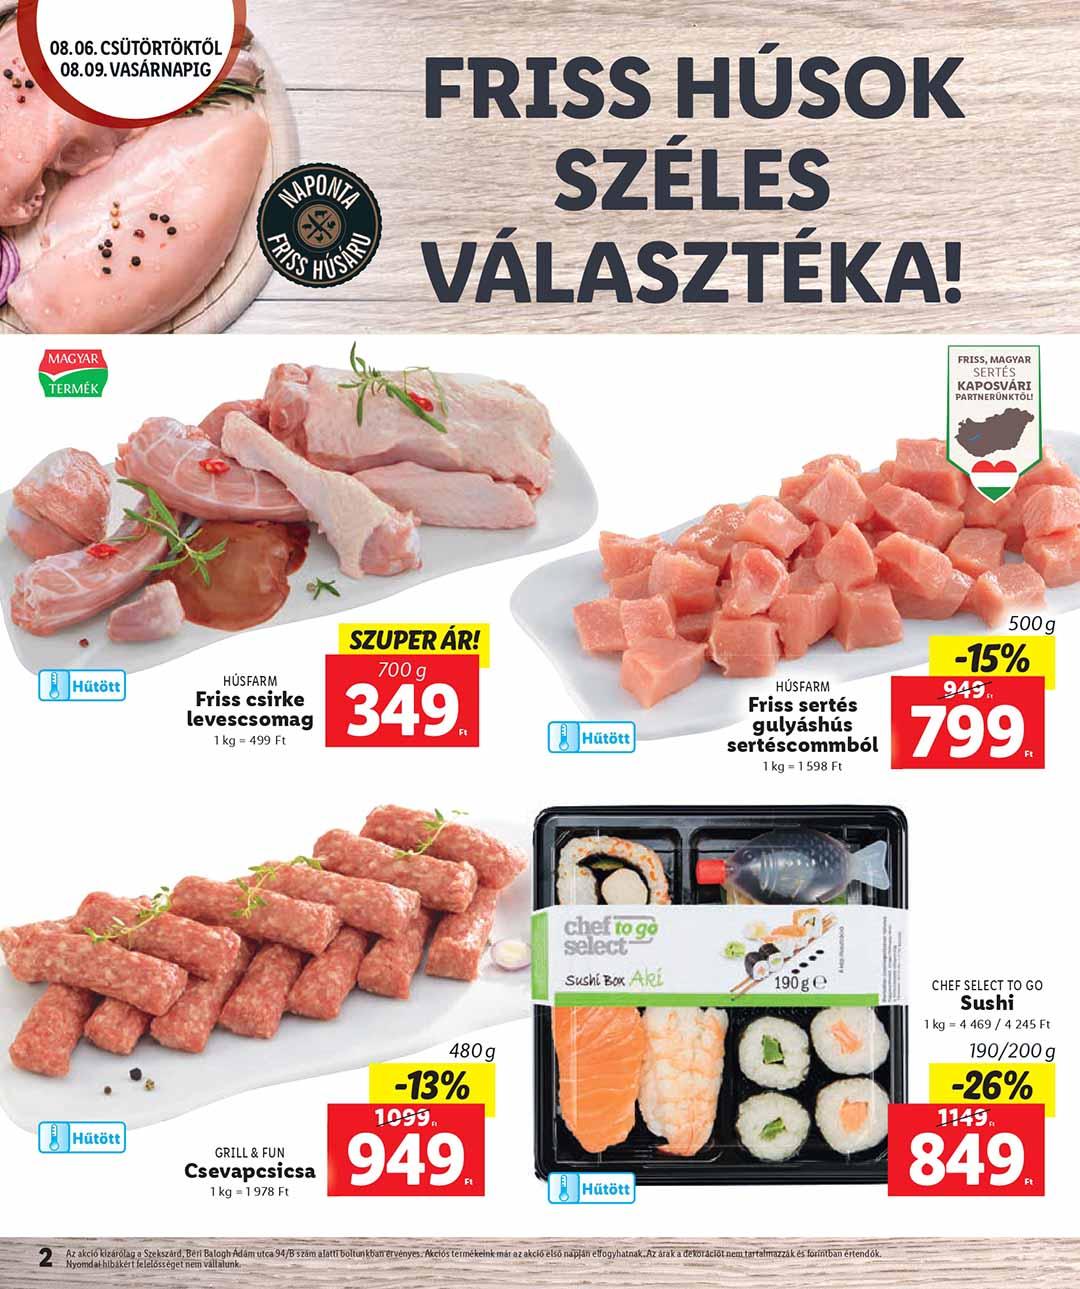 Lidl Szekszárd akciós újság 2020. 08.06-08.09